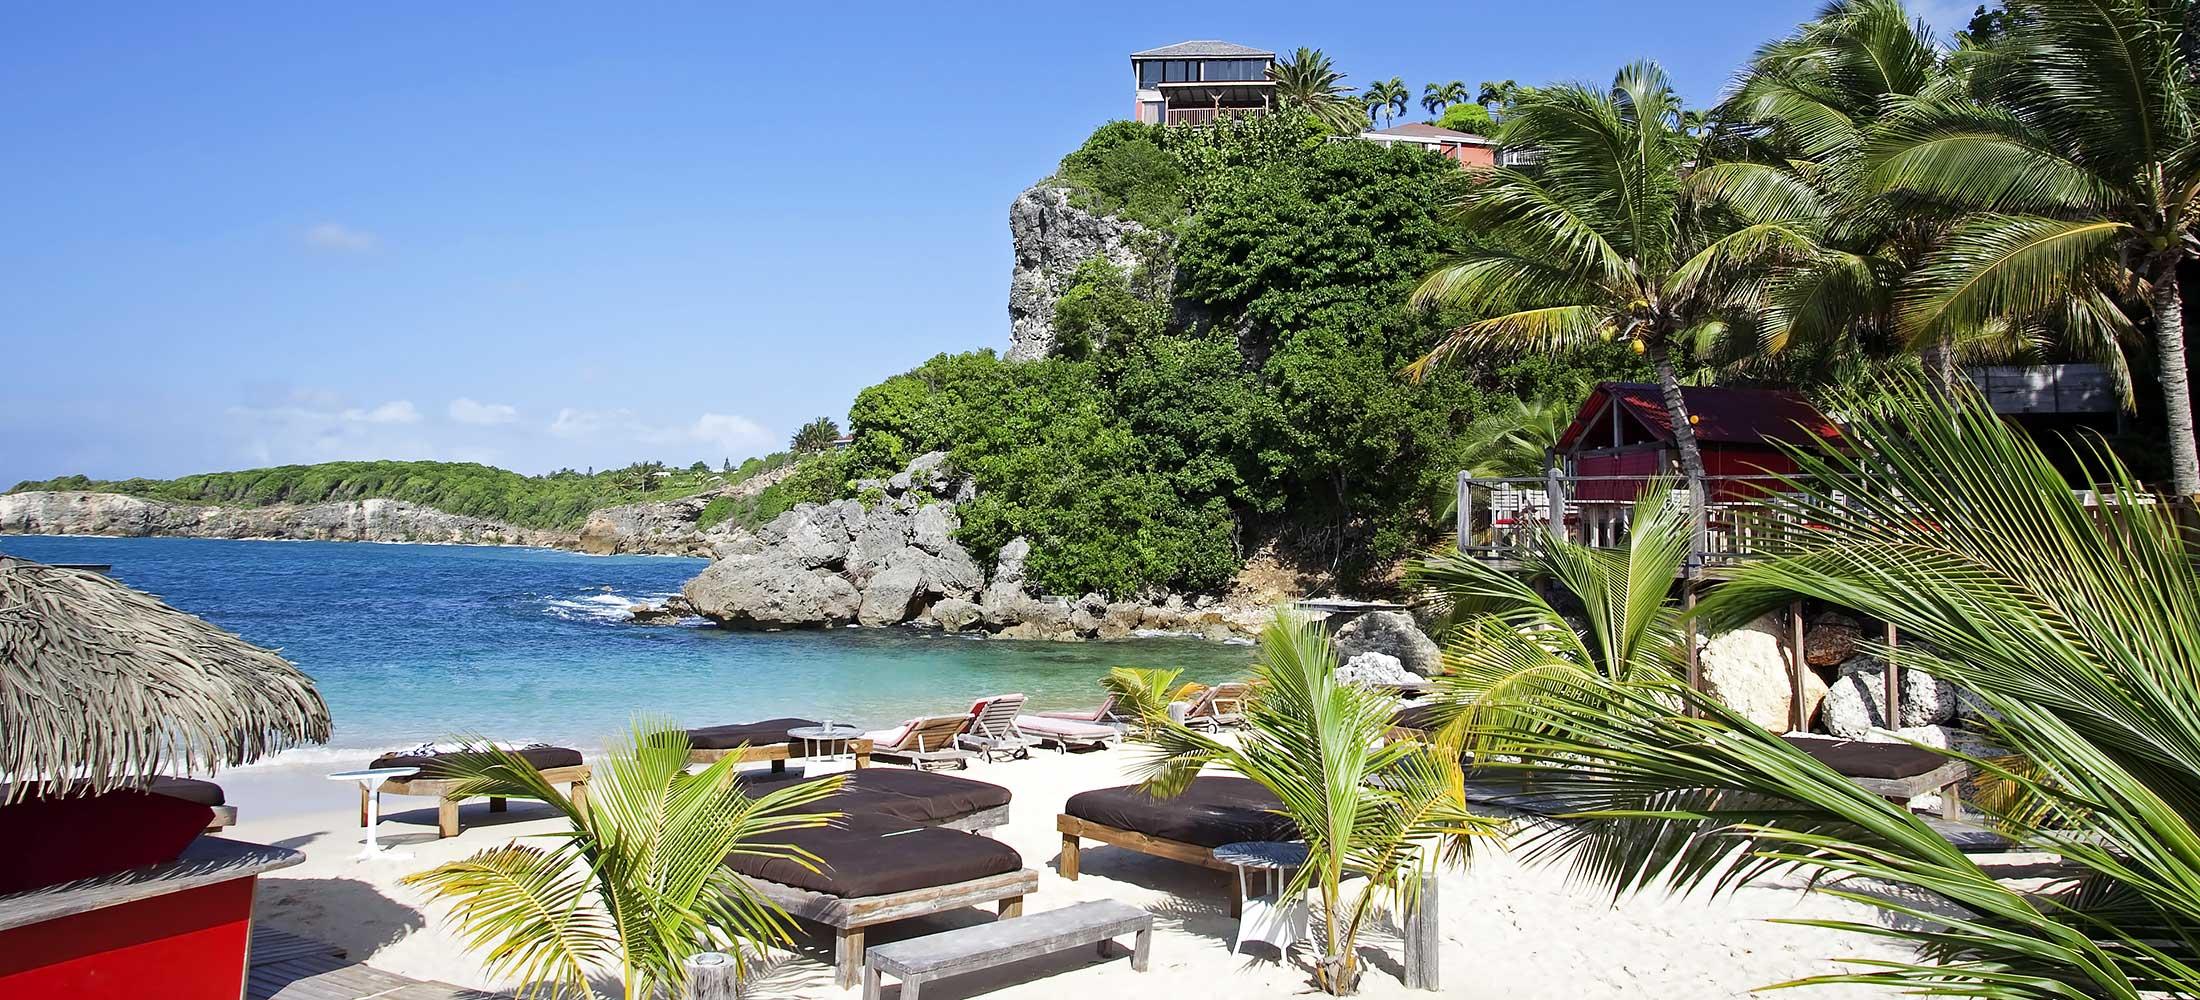 La toubana hotel spa guadeloupe v stindienspecialisten for Hotel design guadeloupe